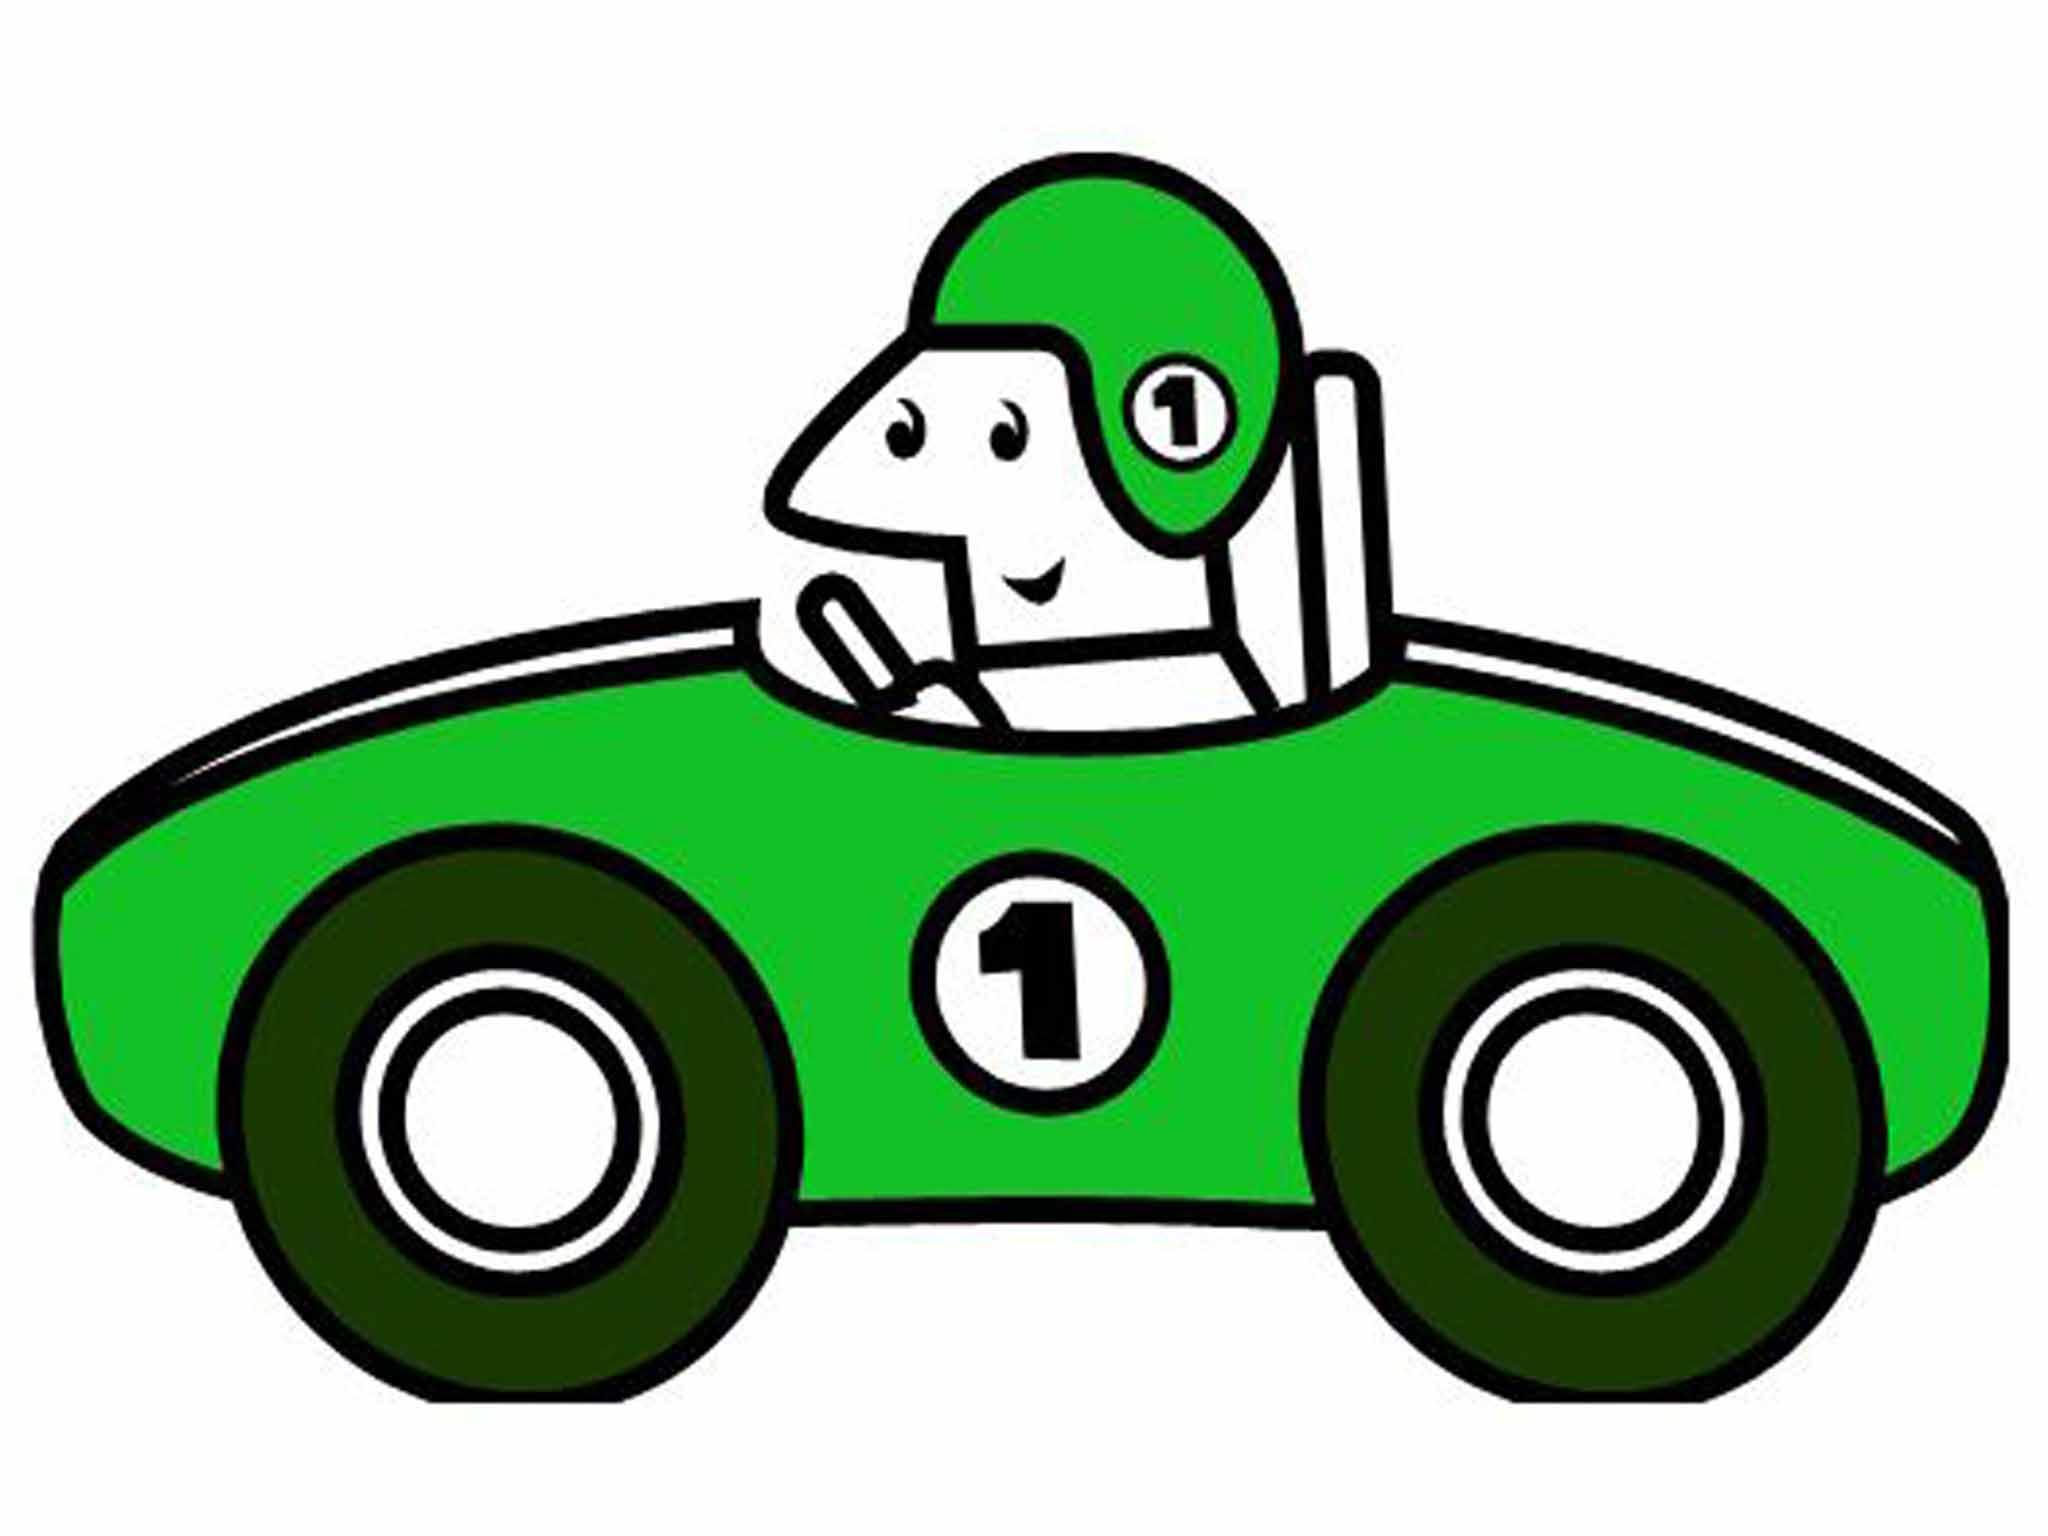 2048x1536 Race Car Clipart Simple